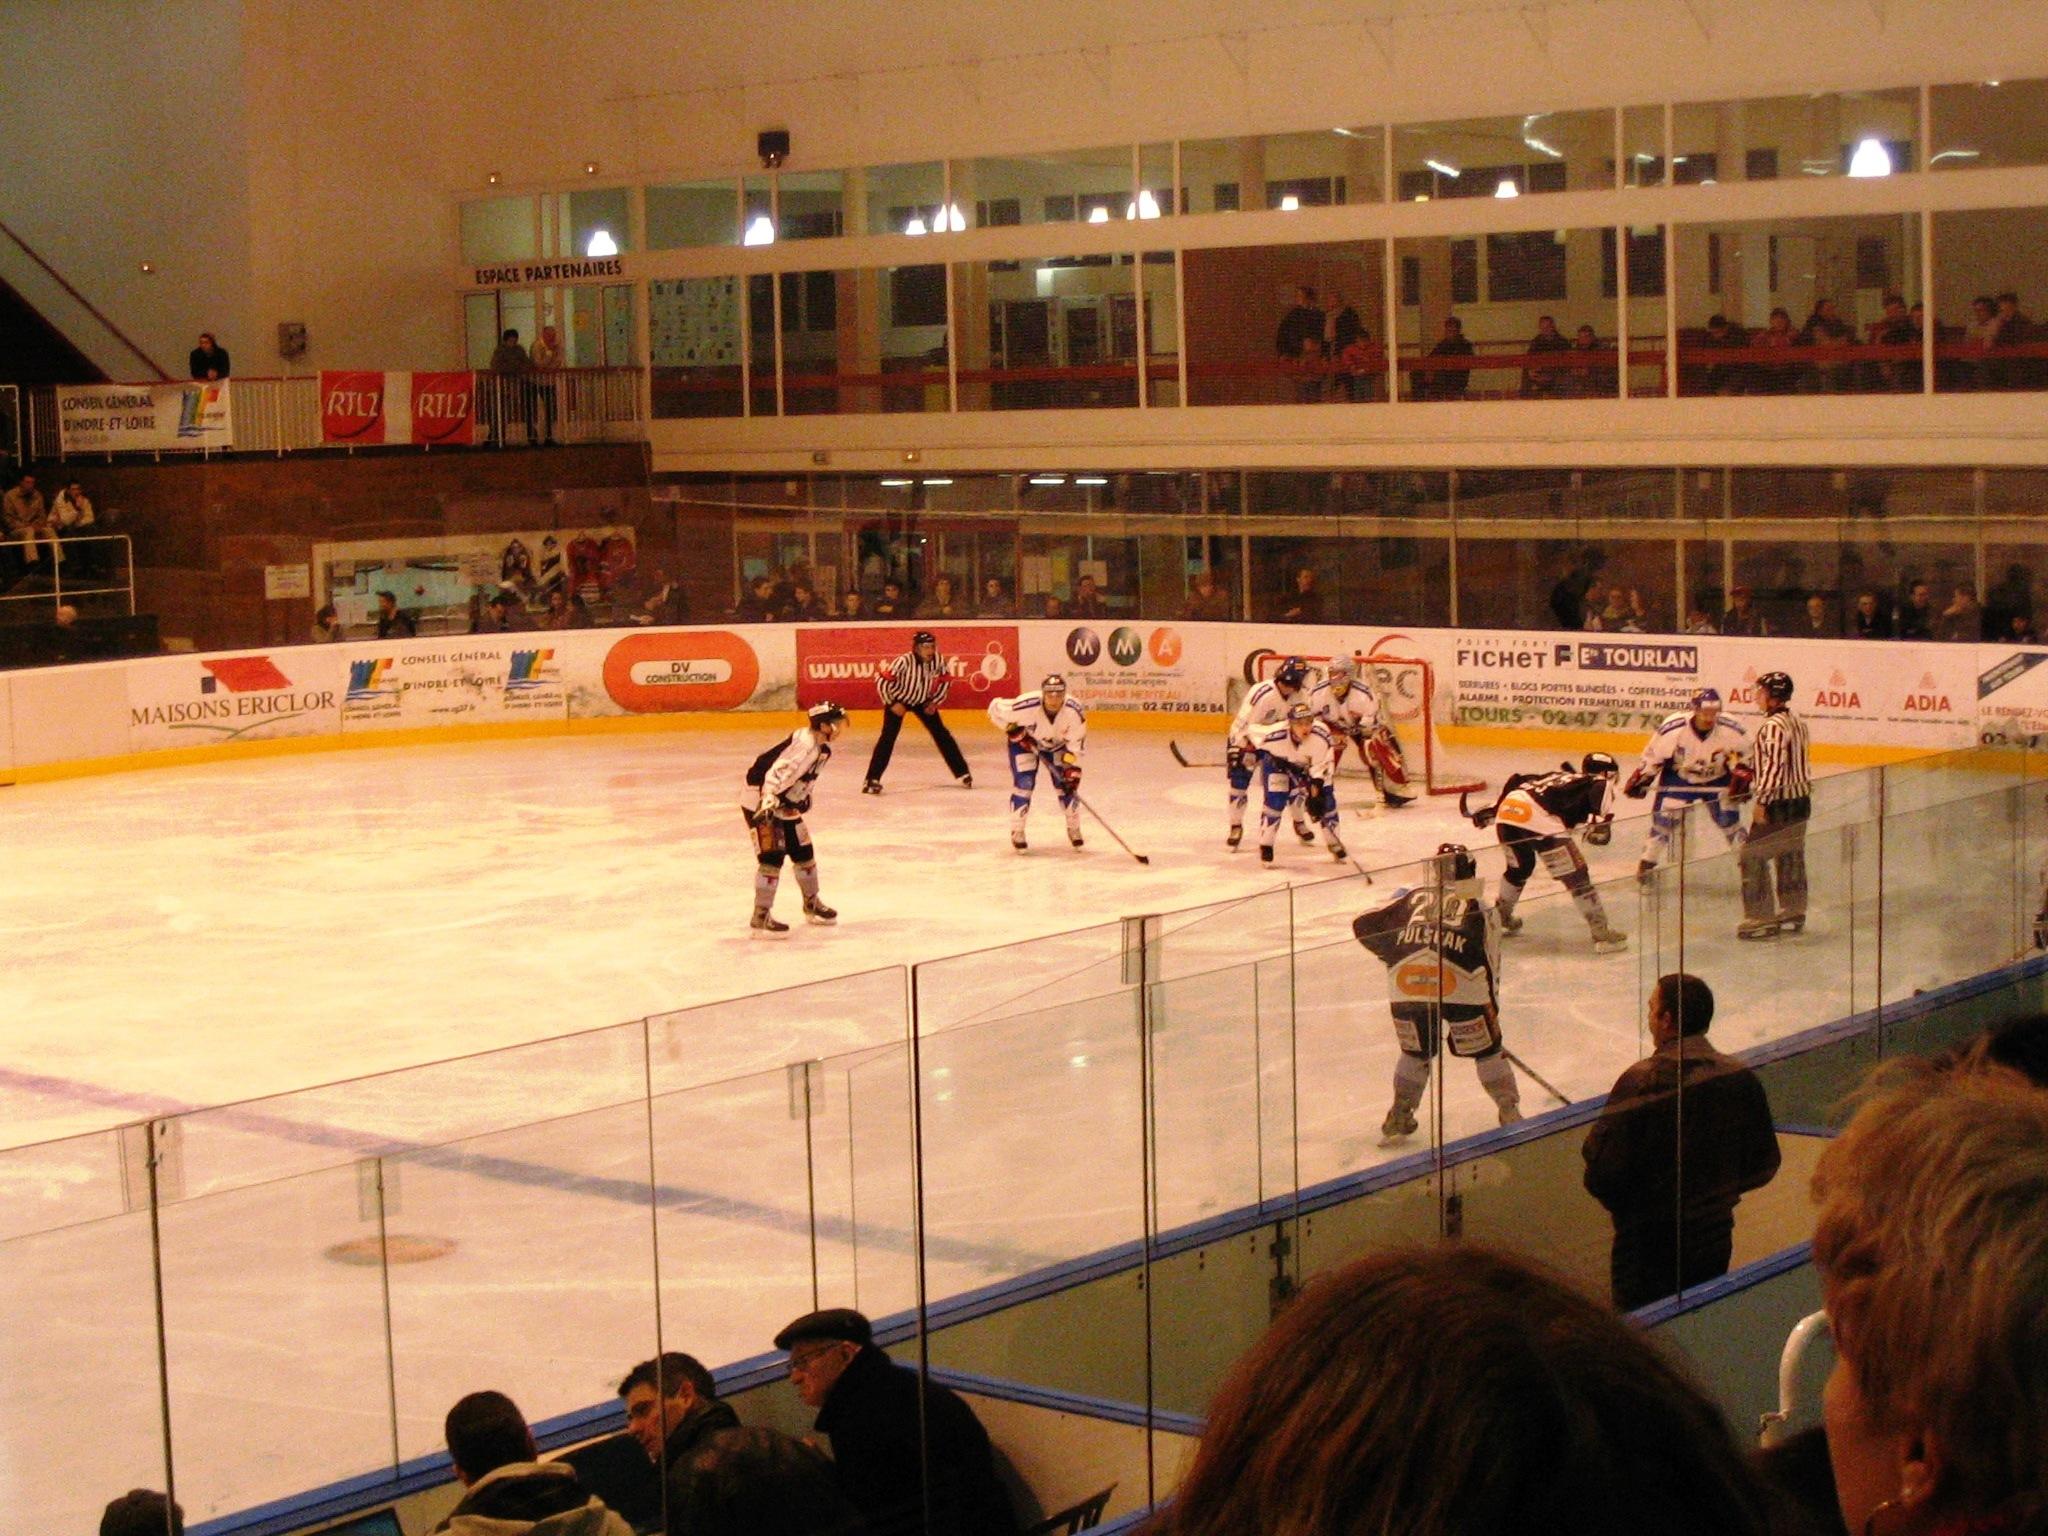 Liste de patinoires de hockey en france - Piscine charras courbevoie ...